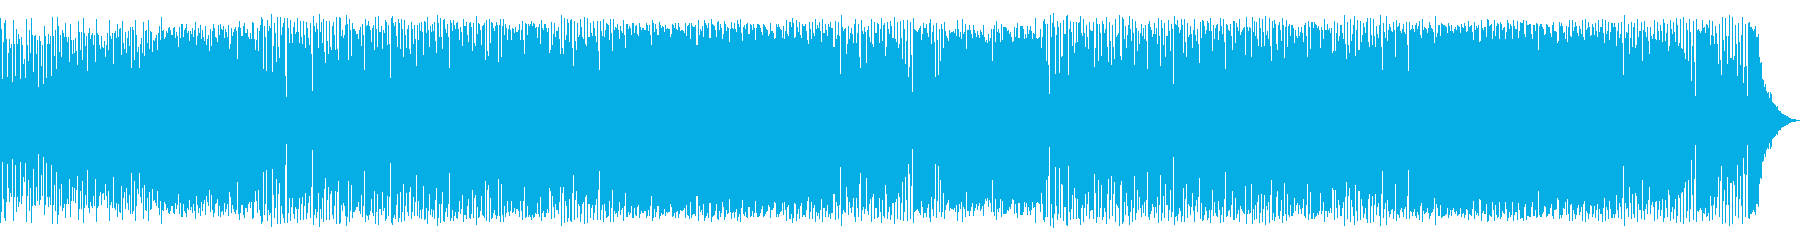 動画 技術的な 感情的 静か ファ...の再生済みの波形